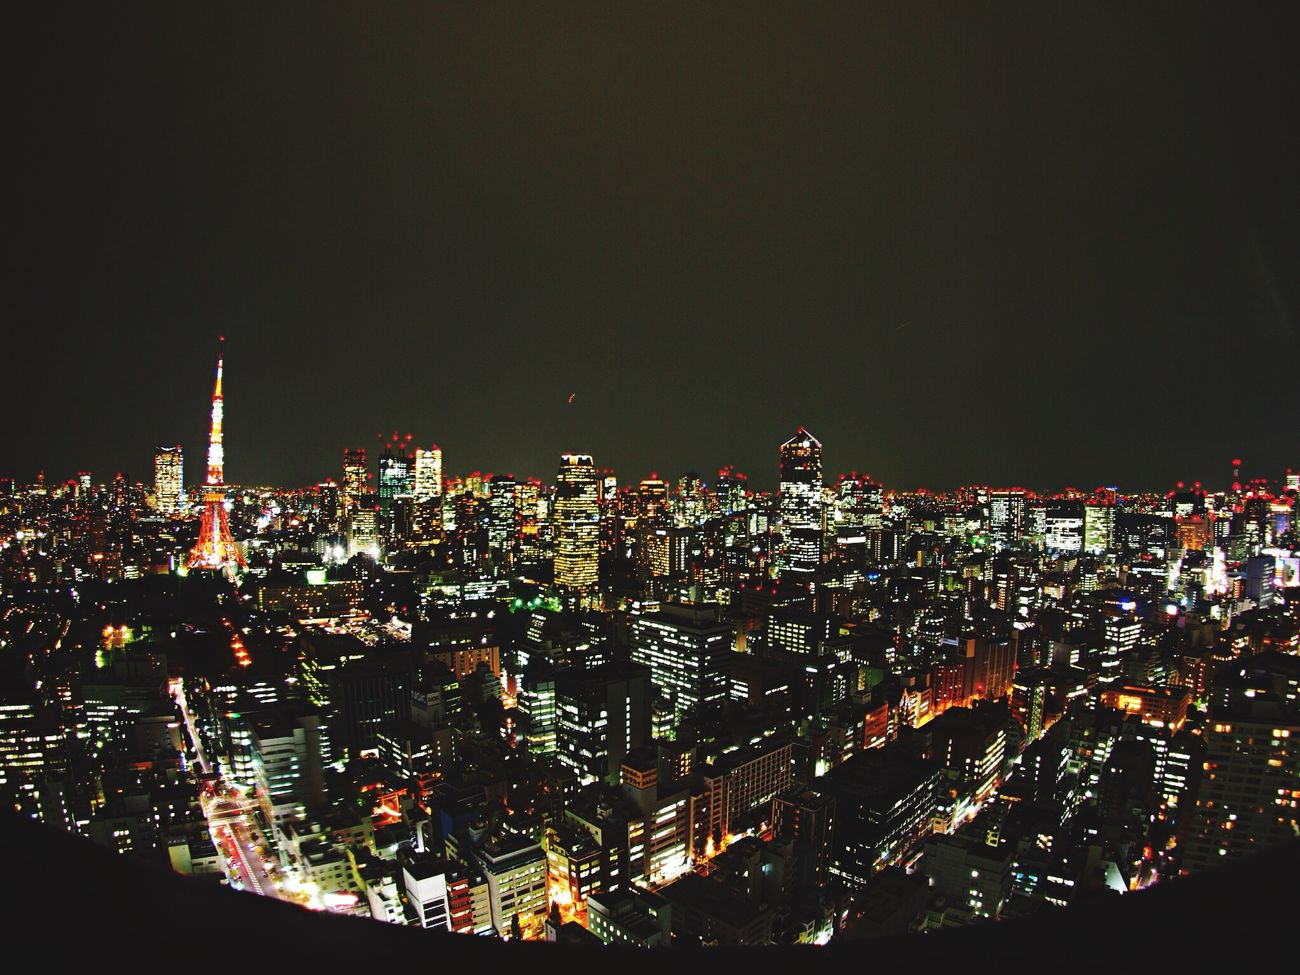 半年ぶりに来た😊 Night View Skyscrapers EyeEm Nature Lover EyeEm Best Shots - Nature City View  Nightphotography Olympus Night Photography Hello World Tokyo